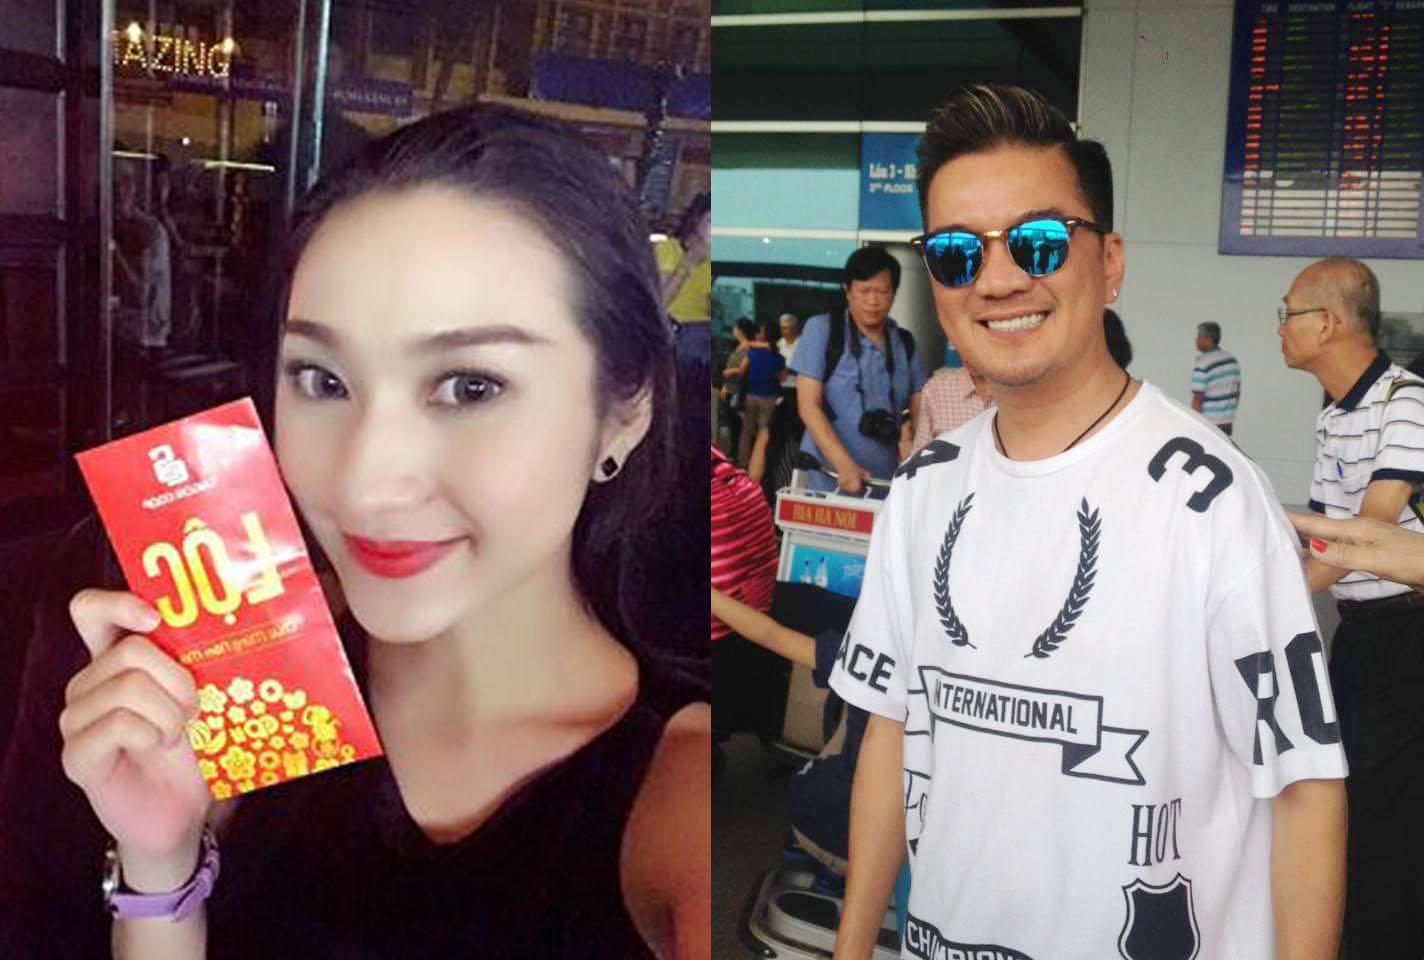 Ảnh đời thường của sao Việt qua Facebook ngày 12/2